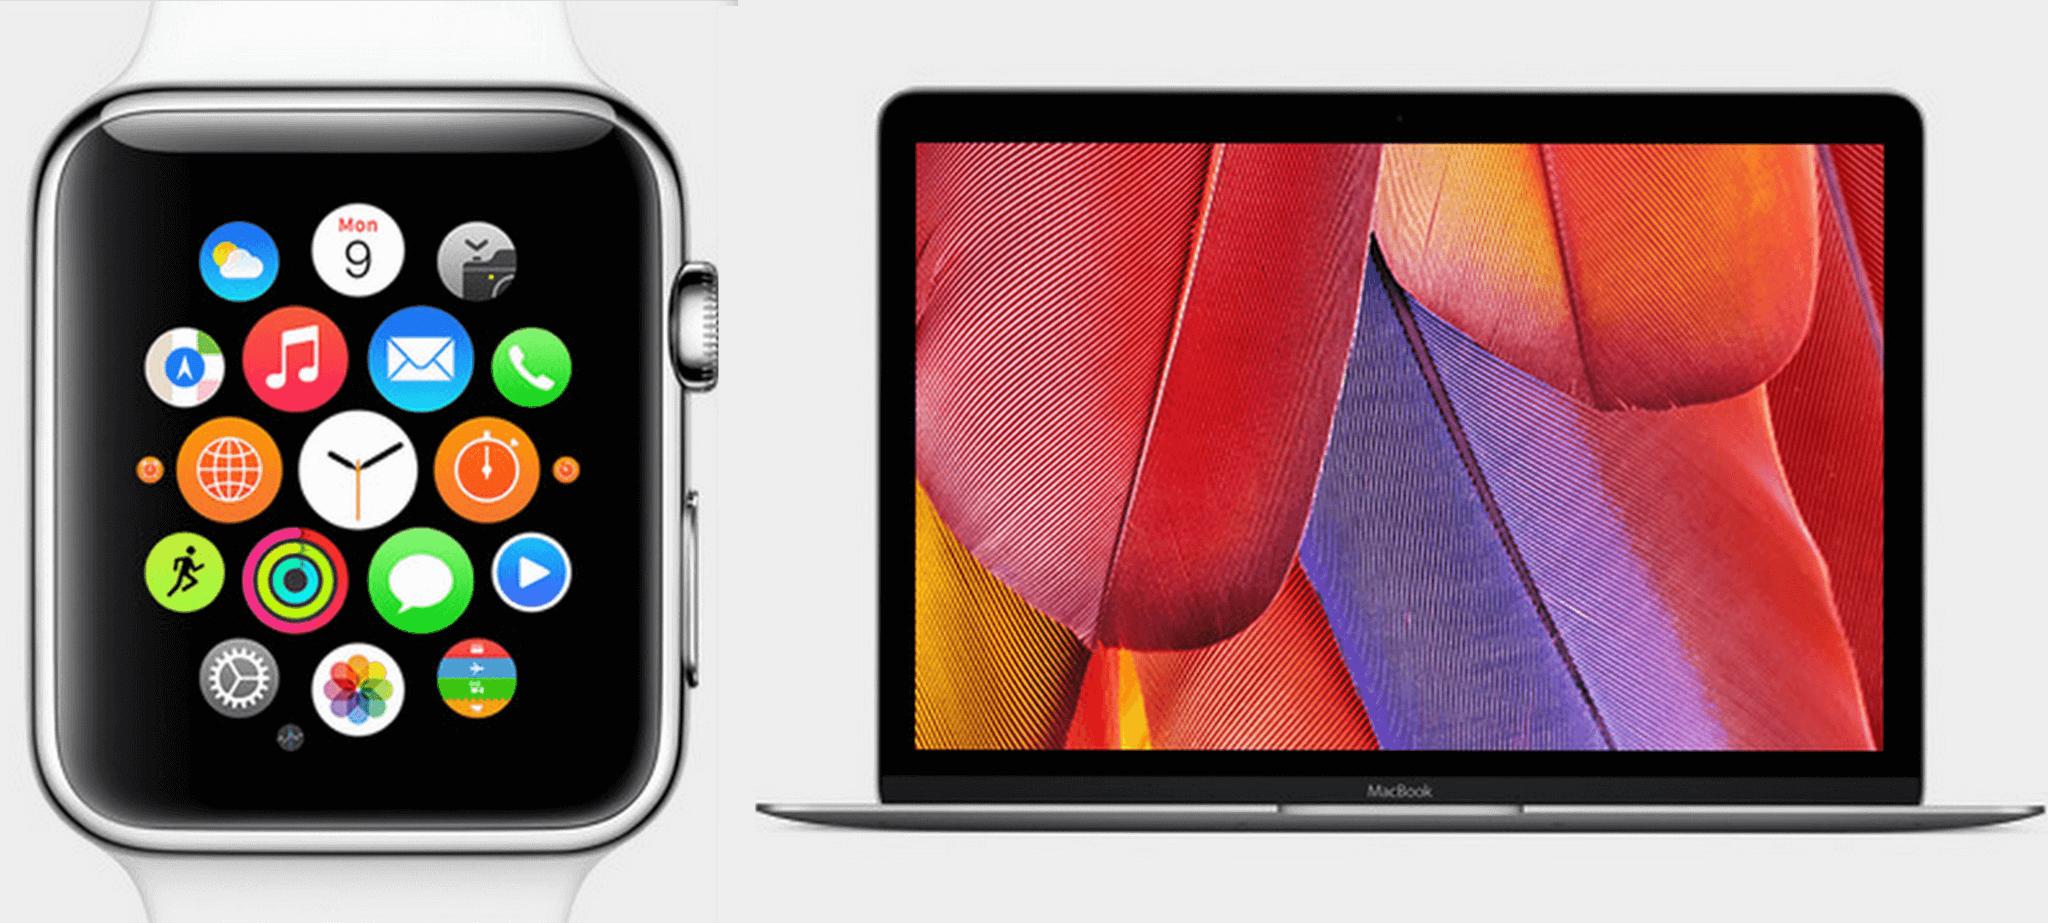 Apple Watch e Macbook: Veja os novos lançamentos da Apple nestes vídeos selecionados